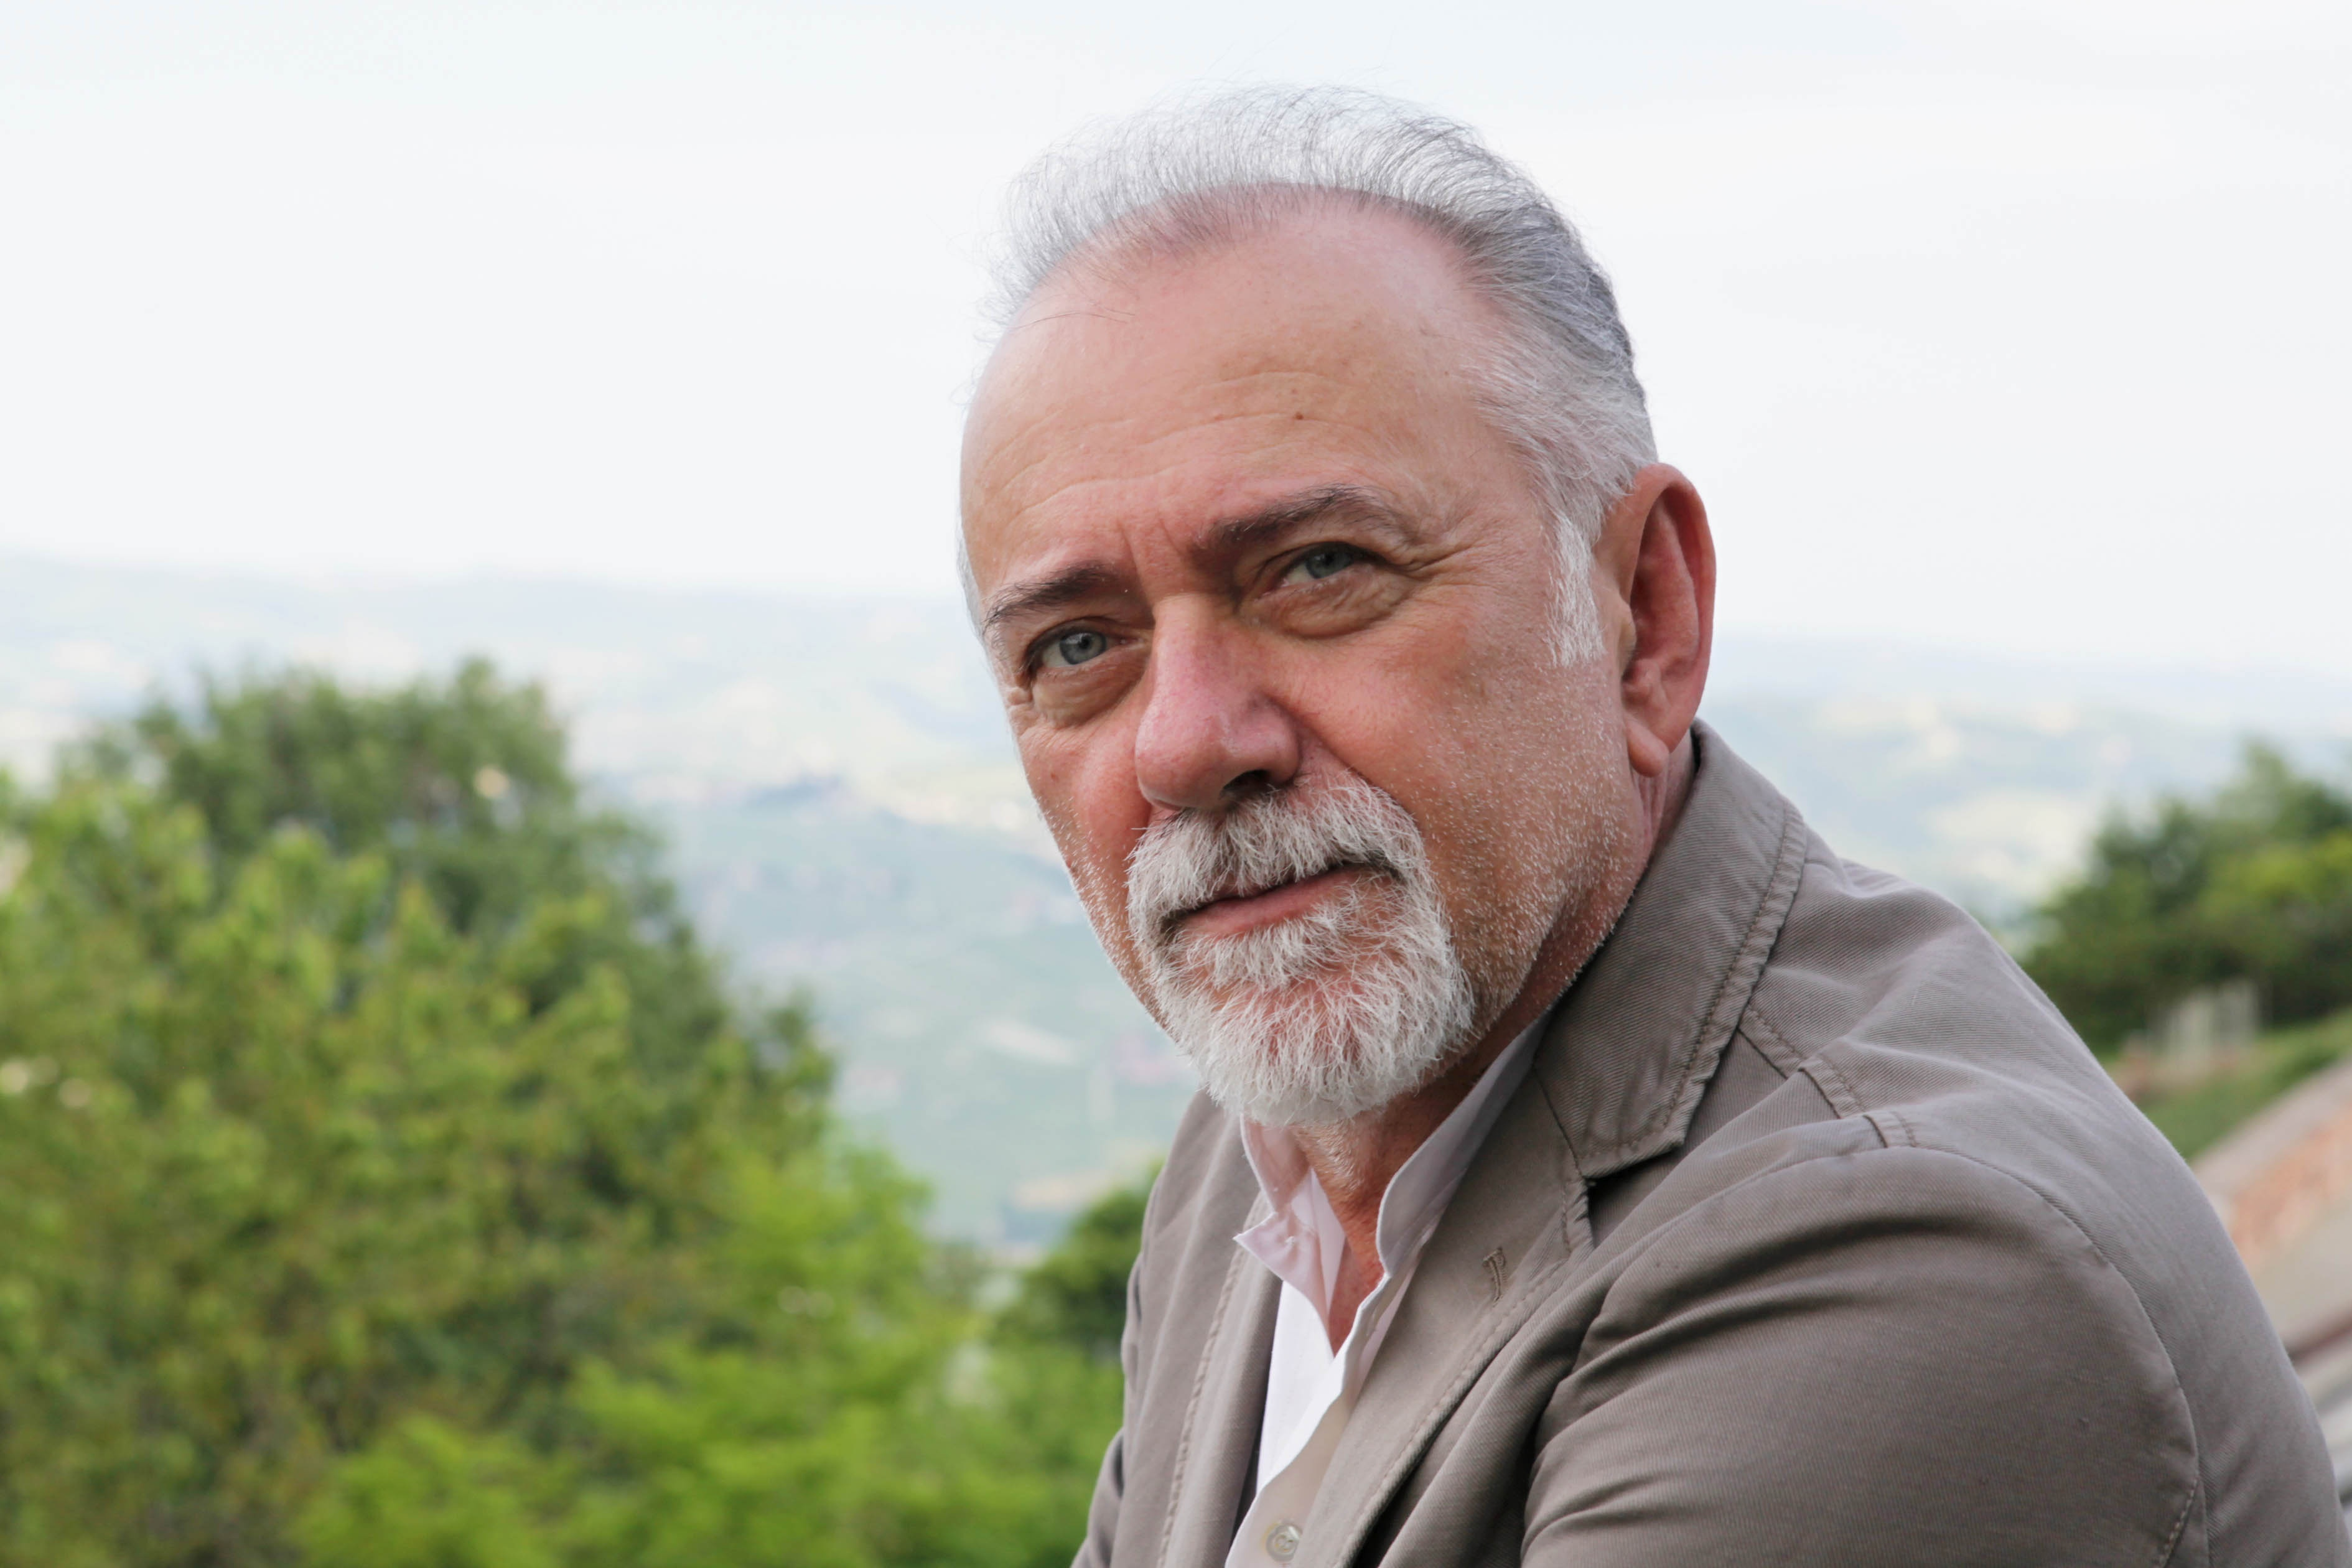 Un ricordo di Giorgio Faletti a quattro anni dalla sua scomparsa